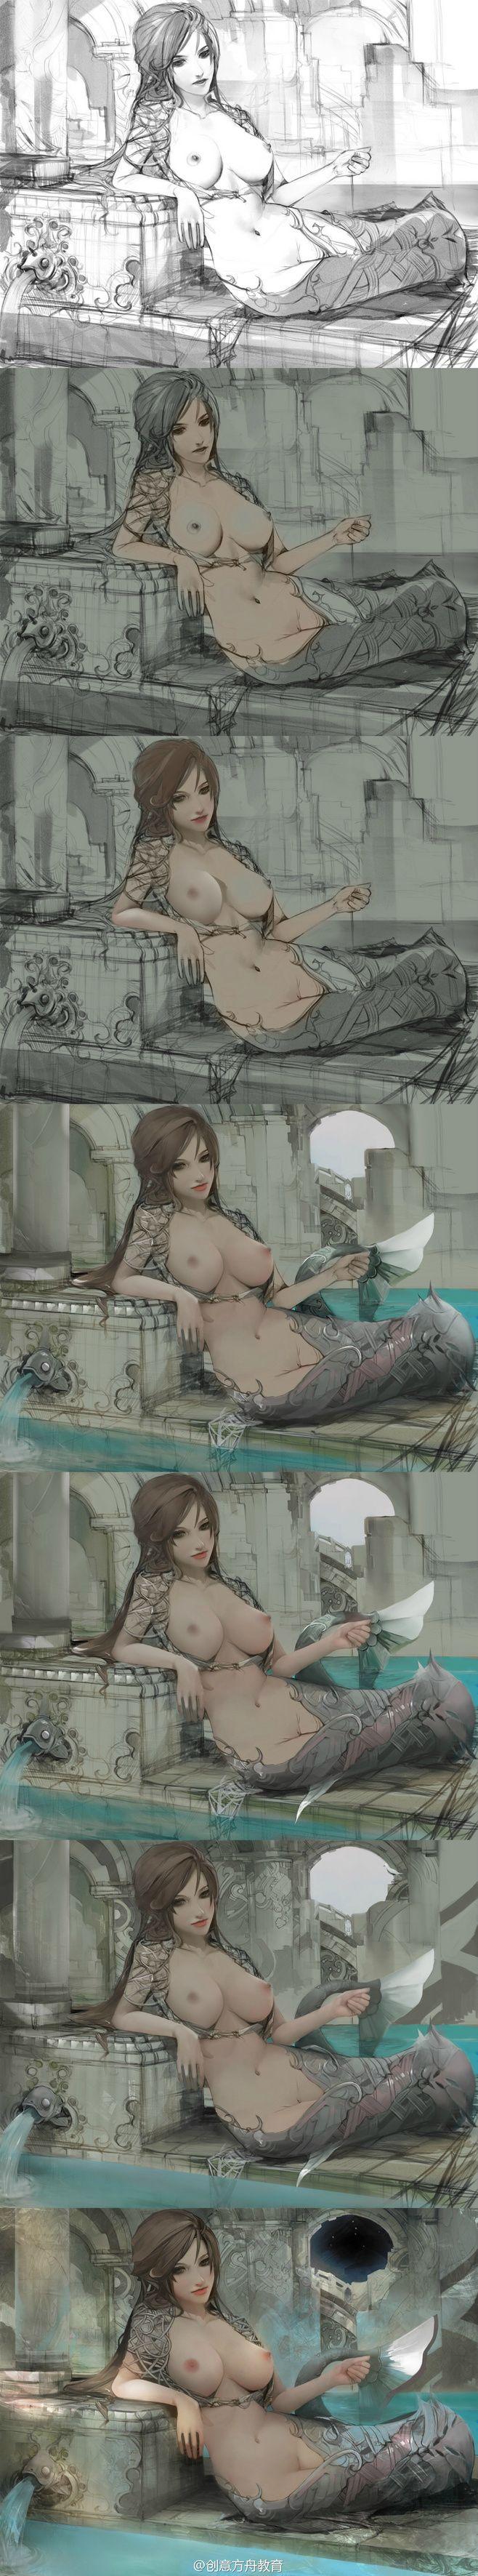 美人鱼绘画过程@禅武形意采集到绘画(24图)_花瓣生活百科